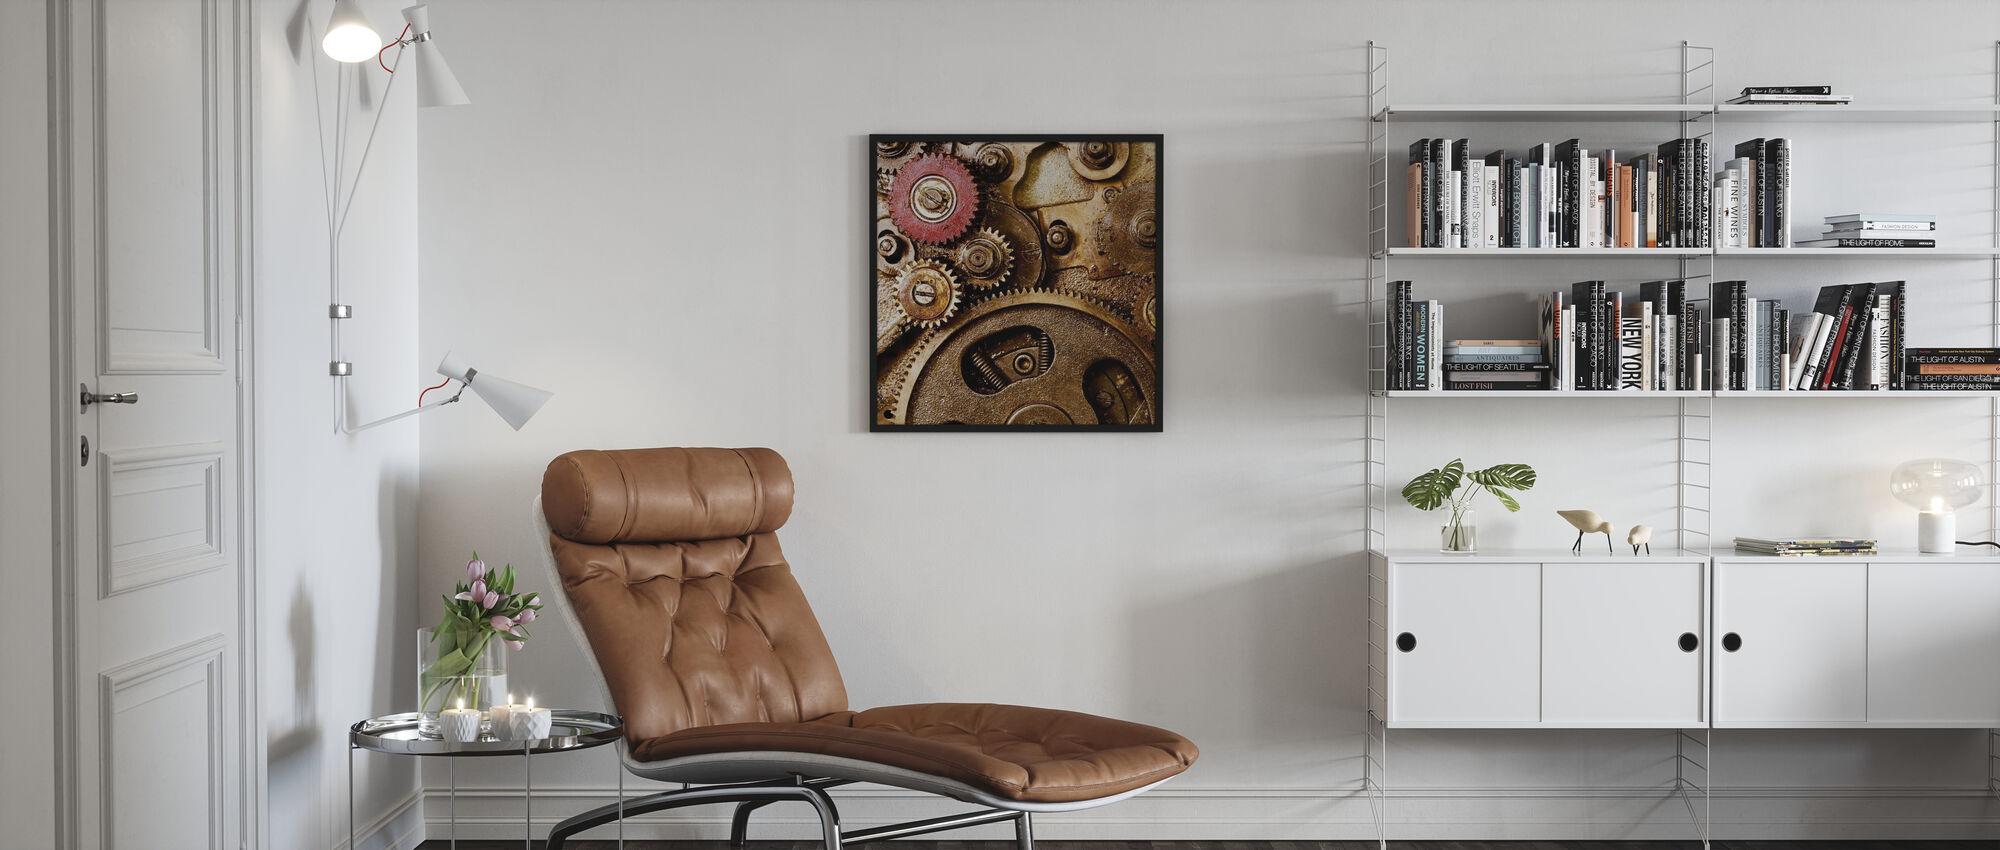 Vintage Getriebe - Gerahmtes bild - Wohnzimmer